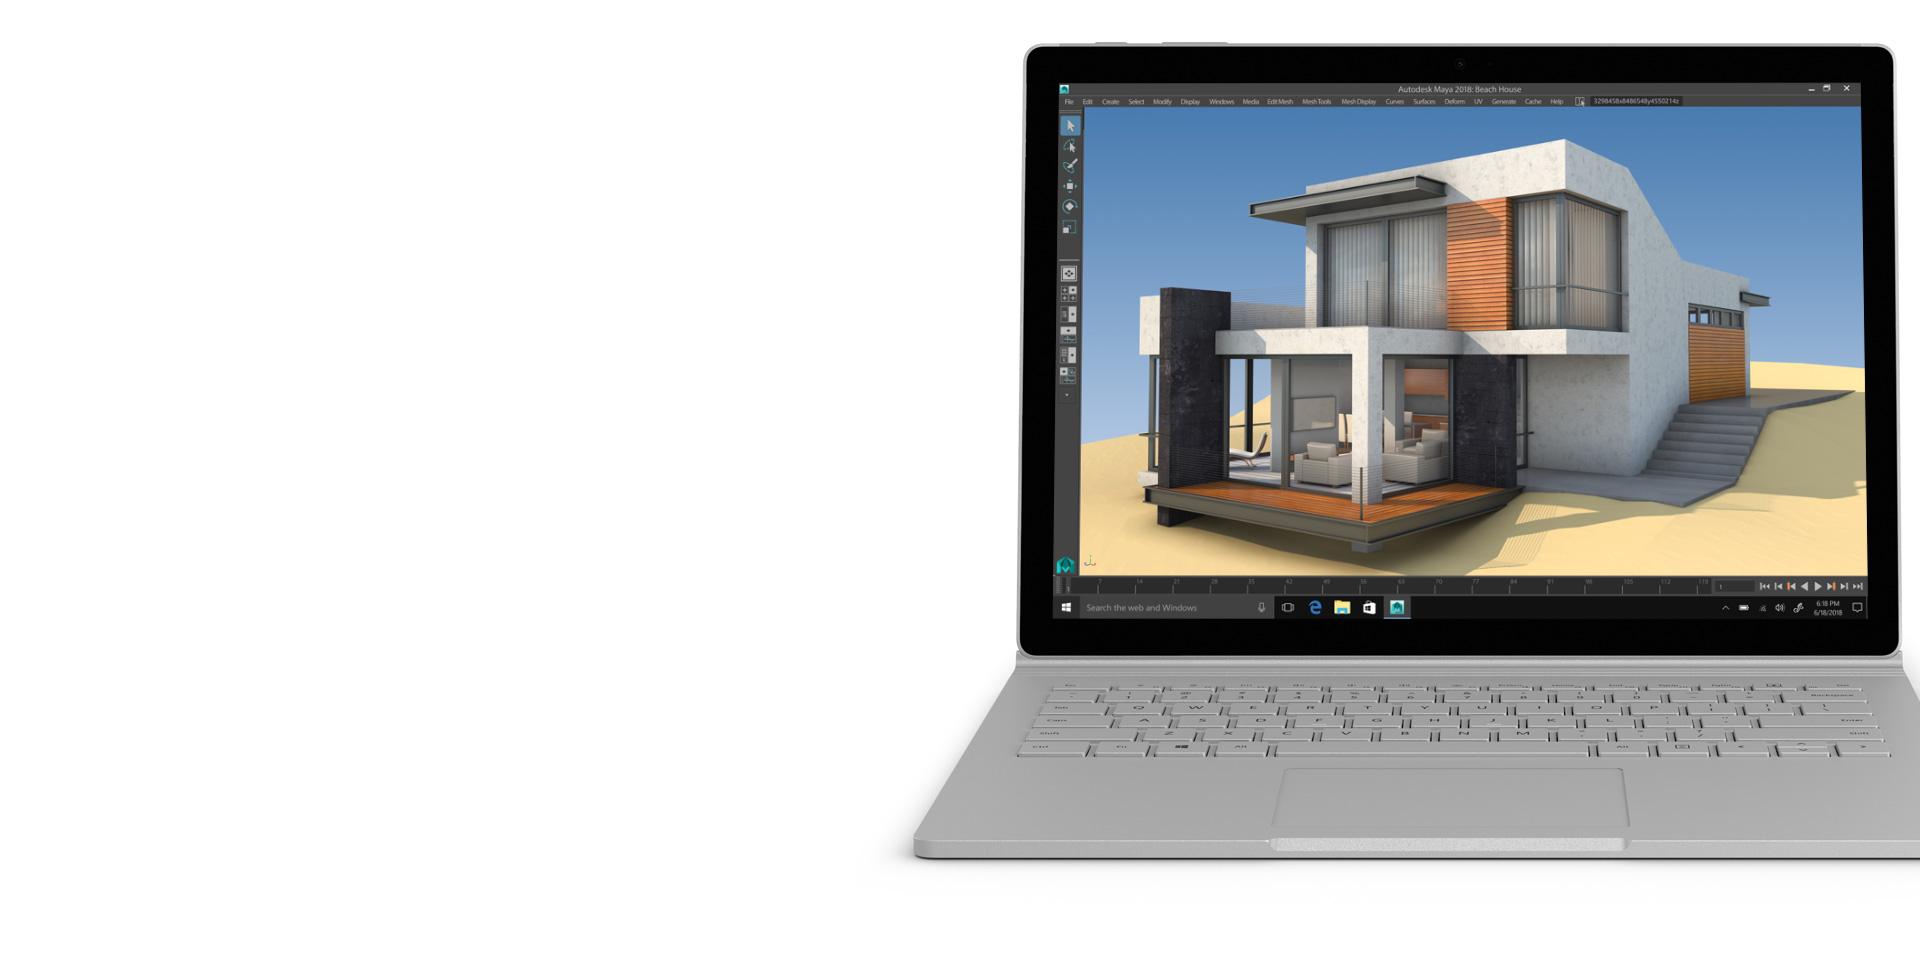 عرض Autodesk Maya على جهاز Surface Book 2